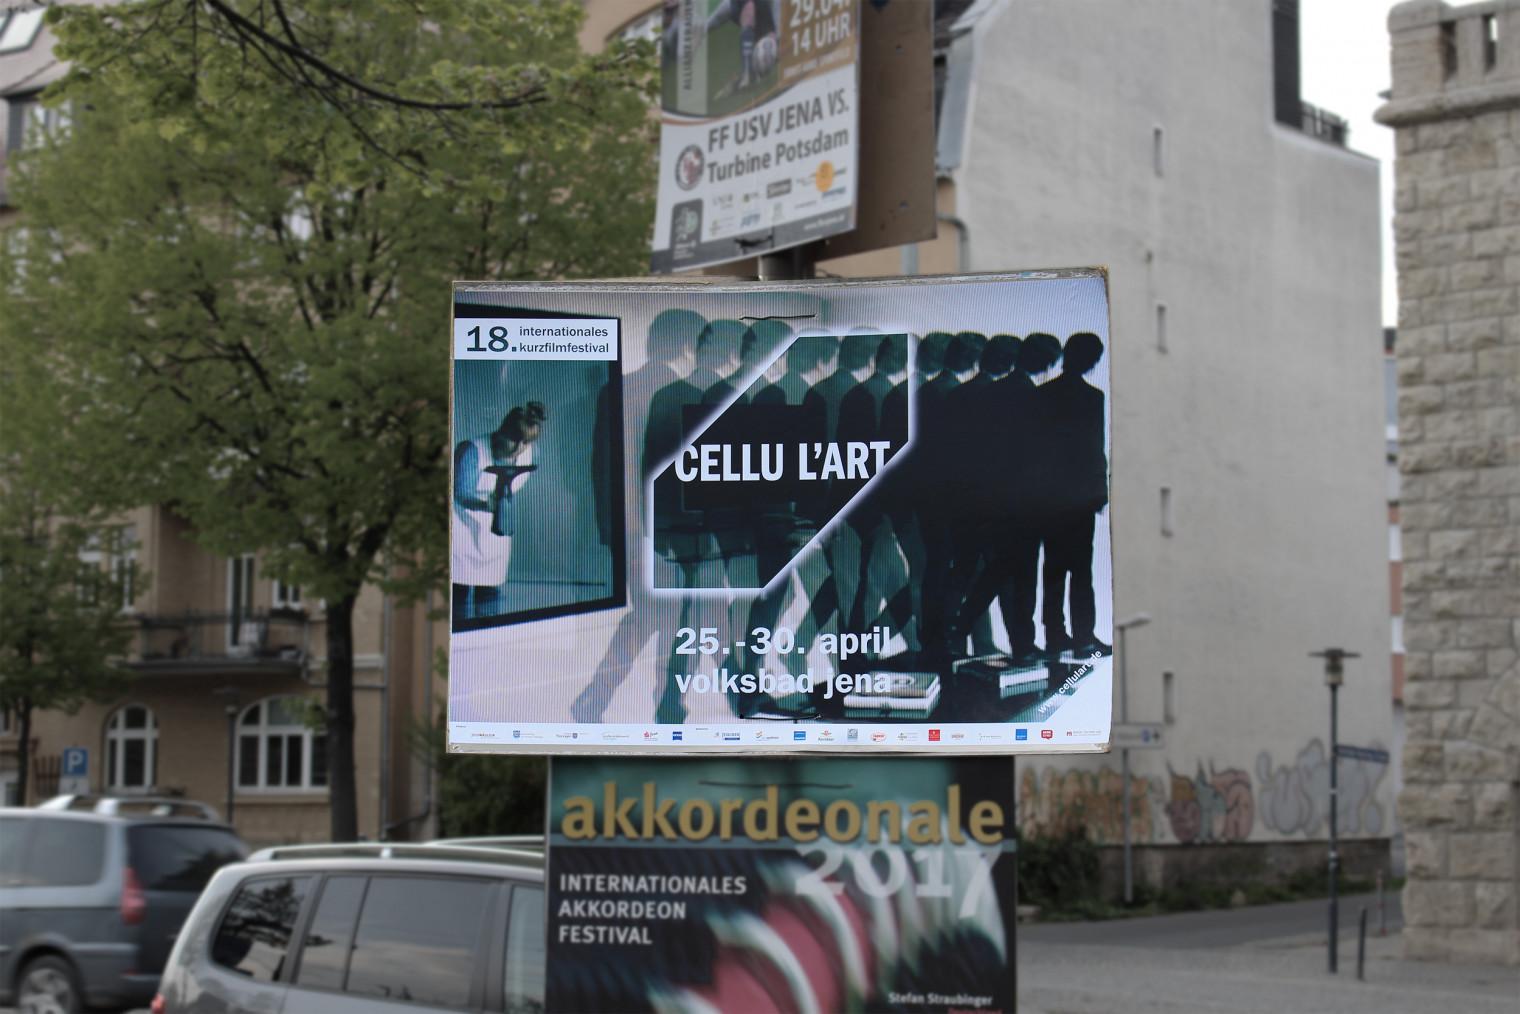 Ein Laternenpfahl mit verschiedenen Veranstaltungsplakaten an einer Straße. In der Mitte hängt ein Plakat des cellu l'art Festivals.